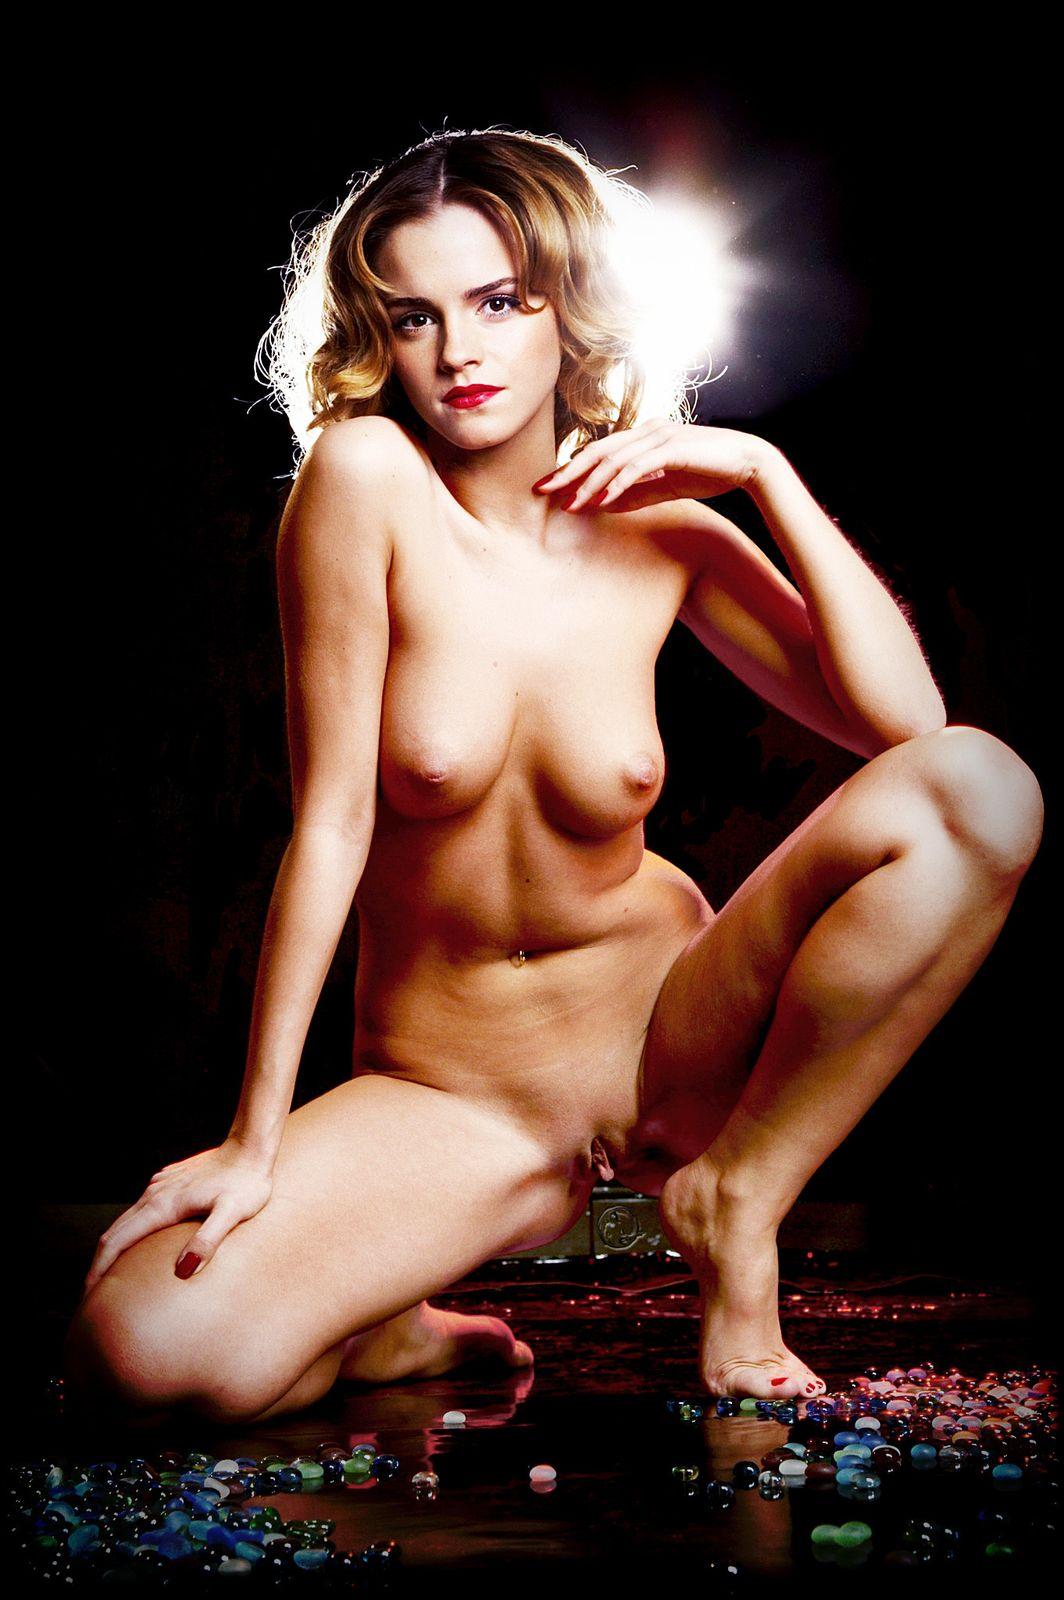 Emma watson nude body